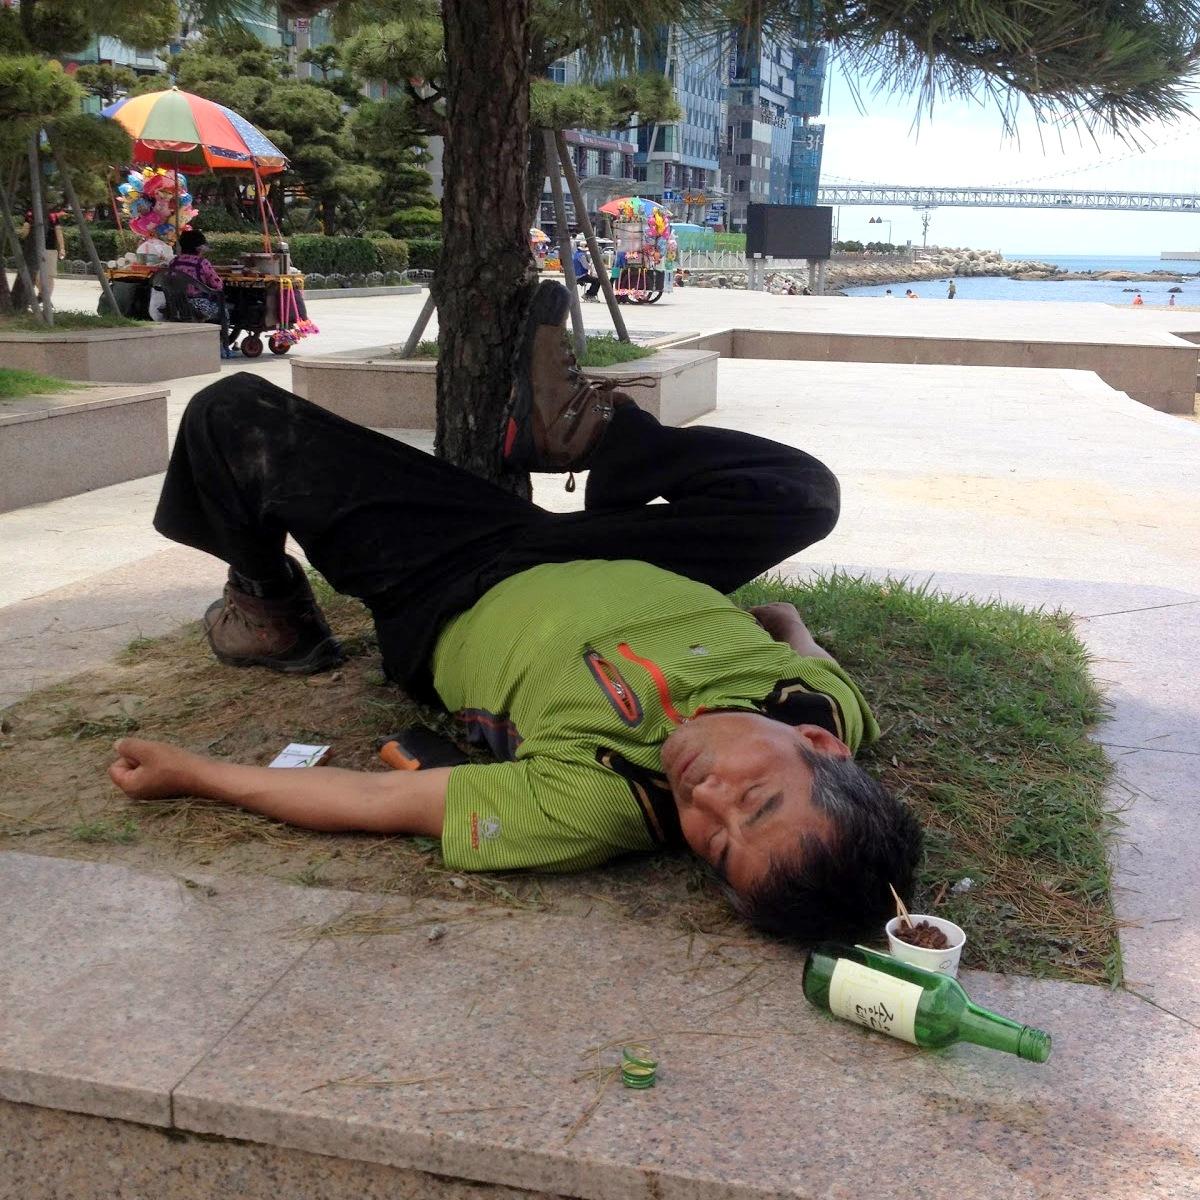 Coreano borracho en un parque